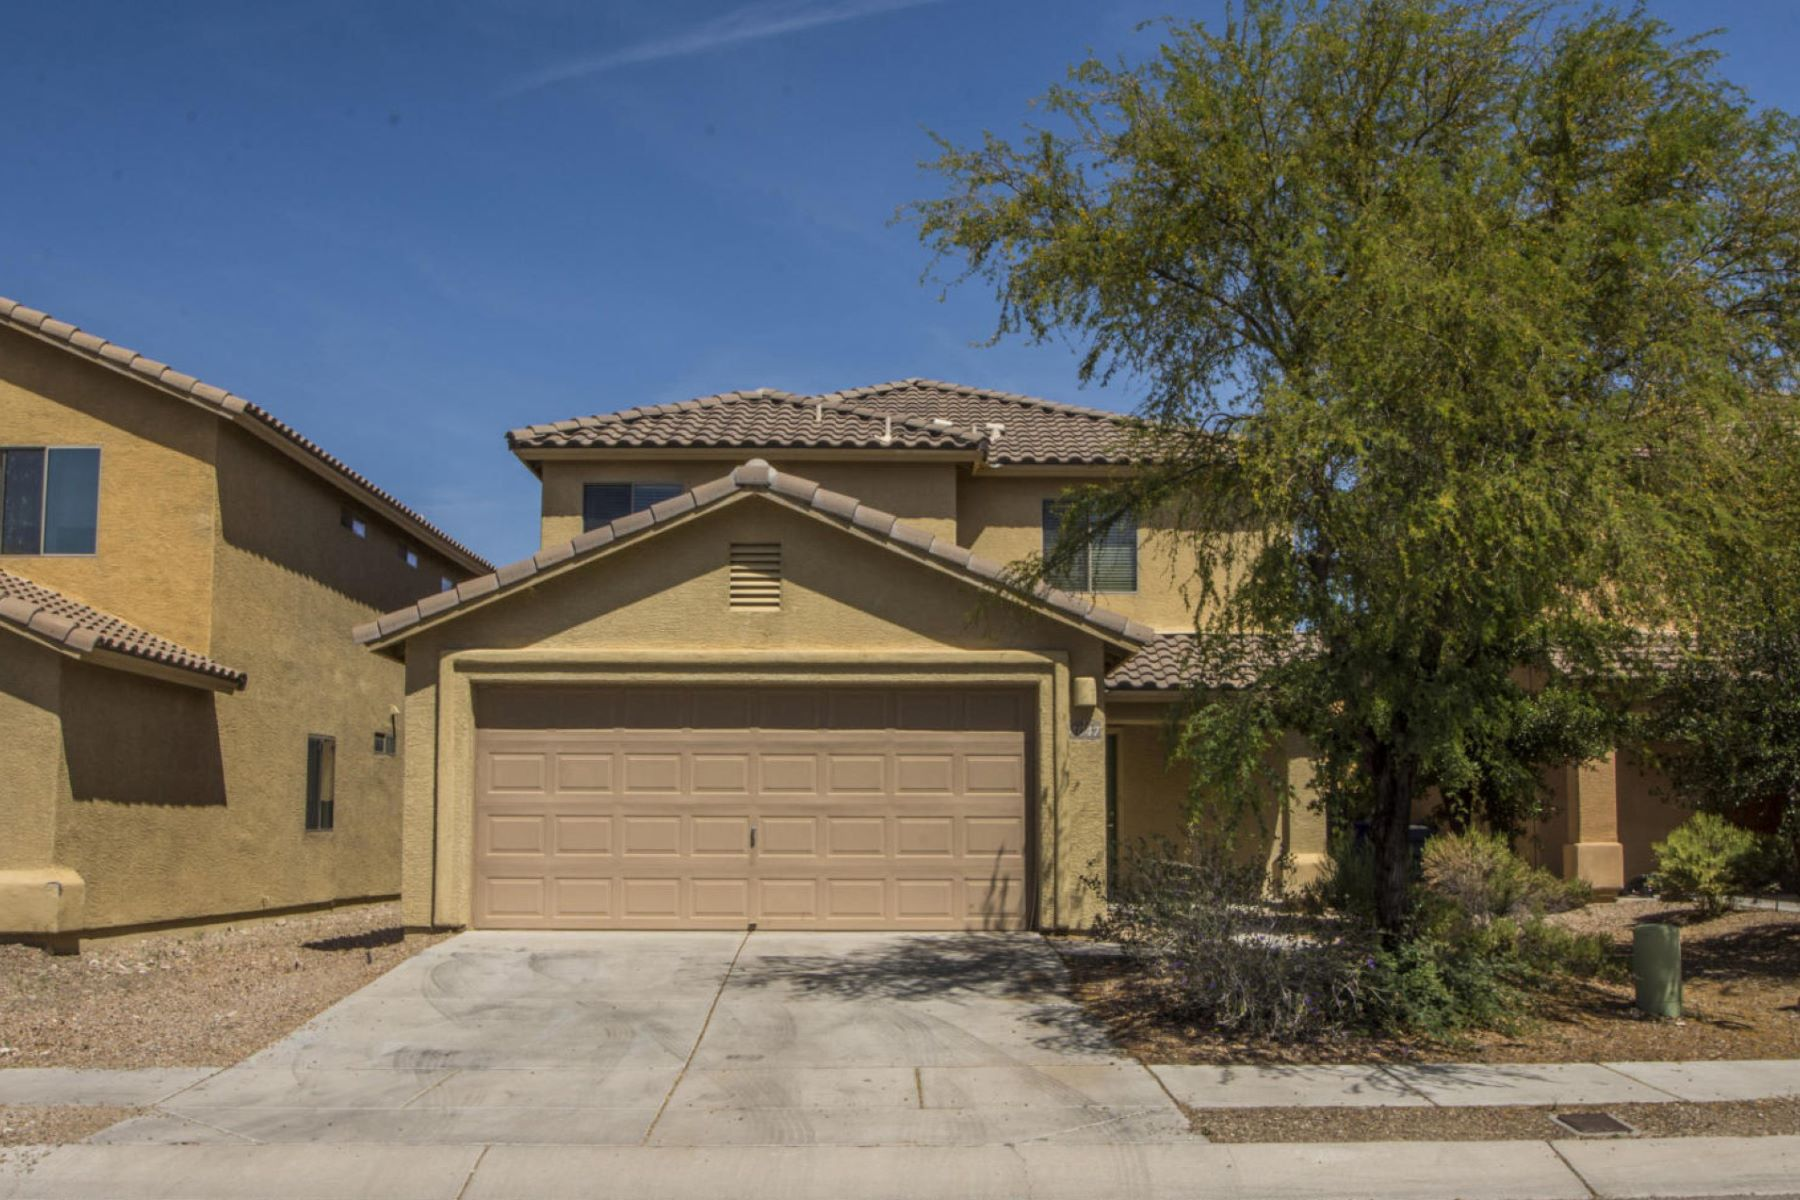 Частный односемейный дом для того Продажа на Great Neighborhood! 4047 E Angel Spirit Drive Tucson, Аризона, 85756 Соединенные Штаты